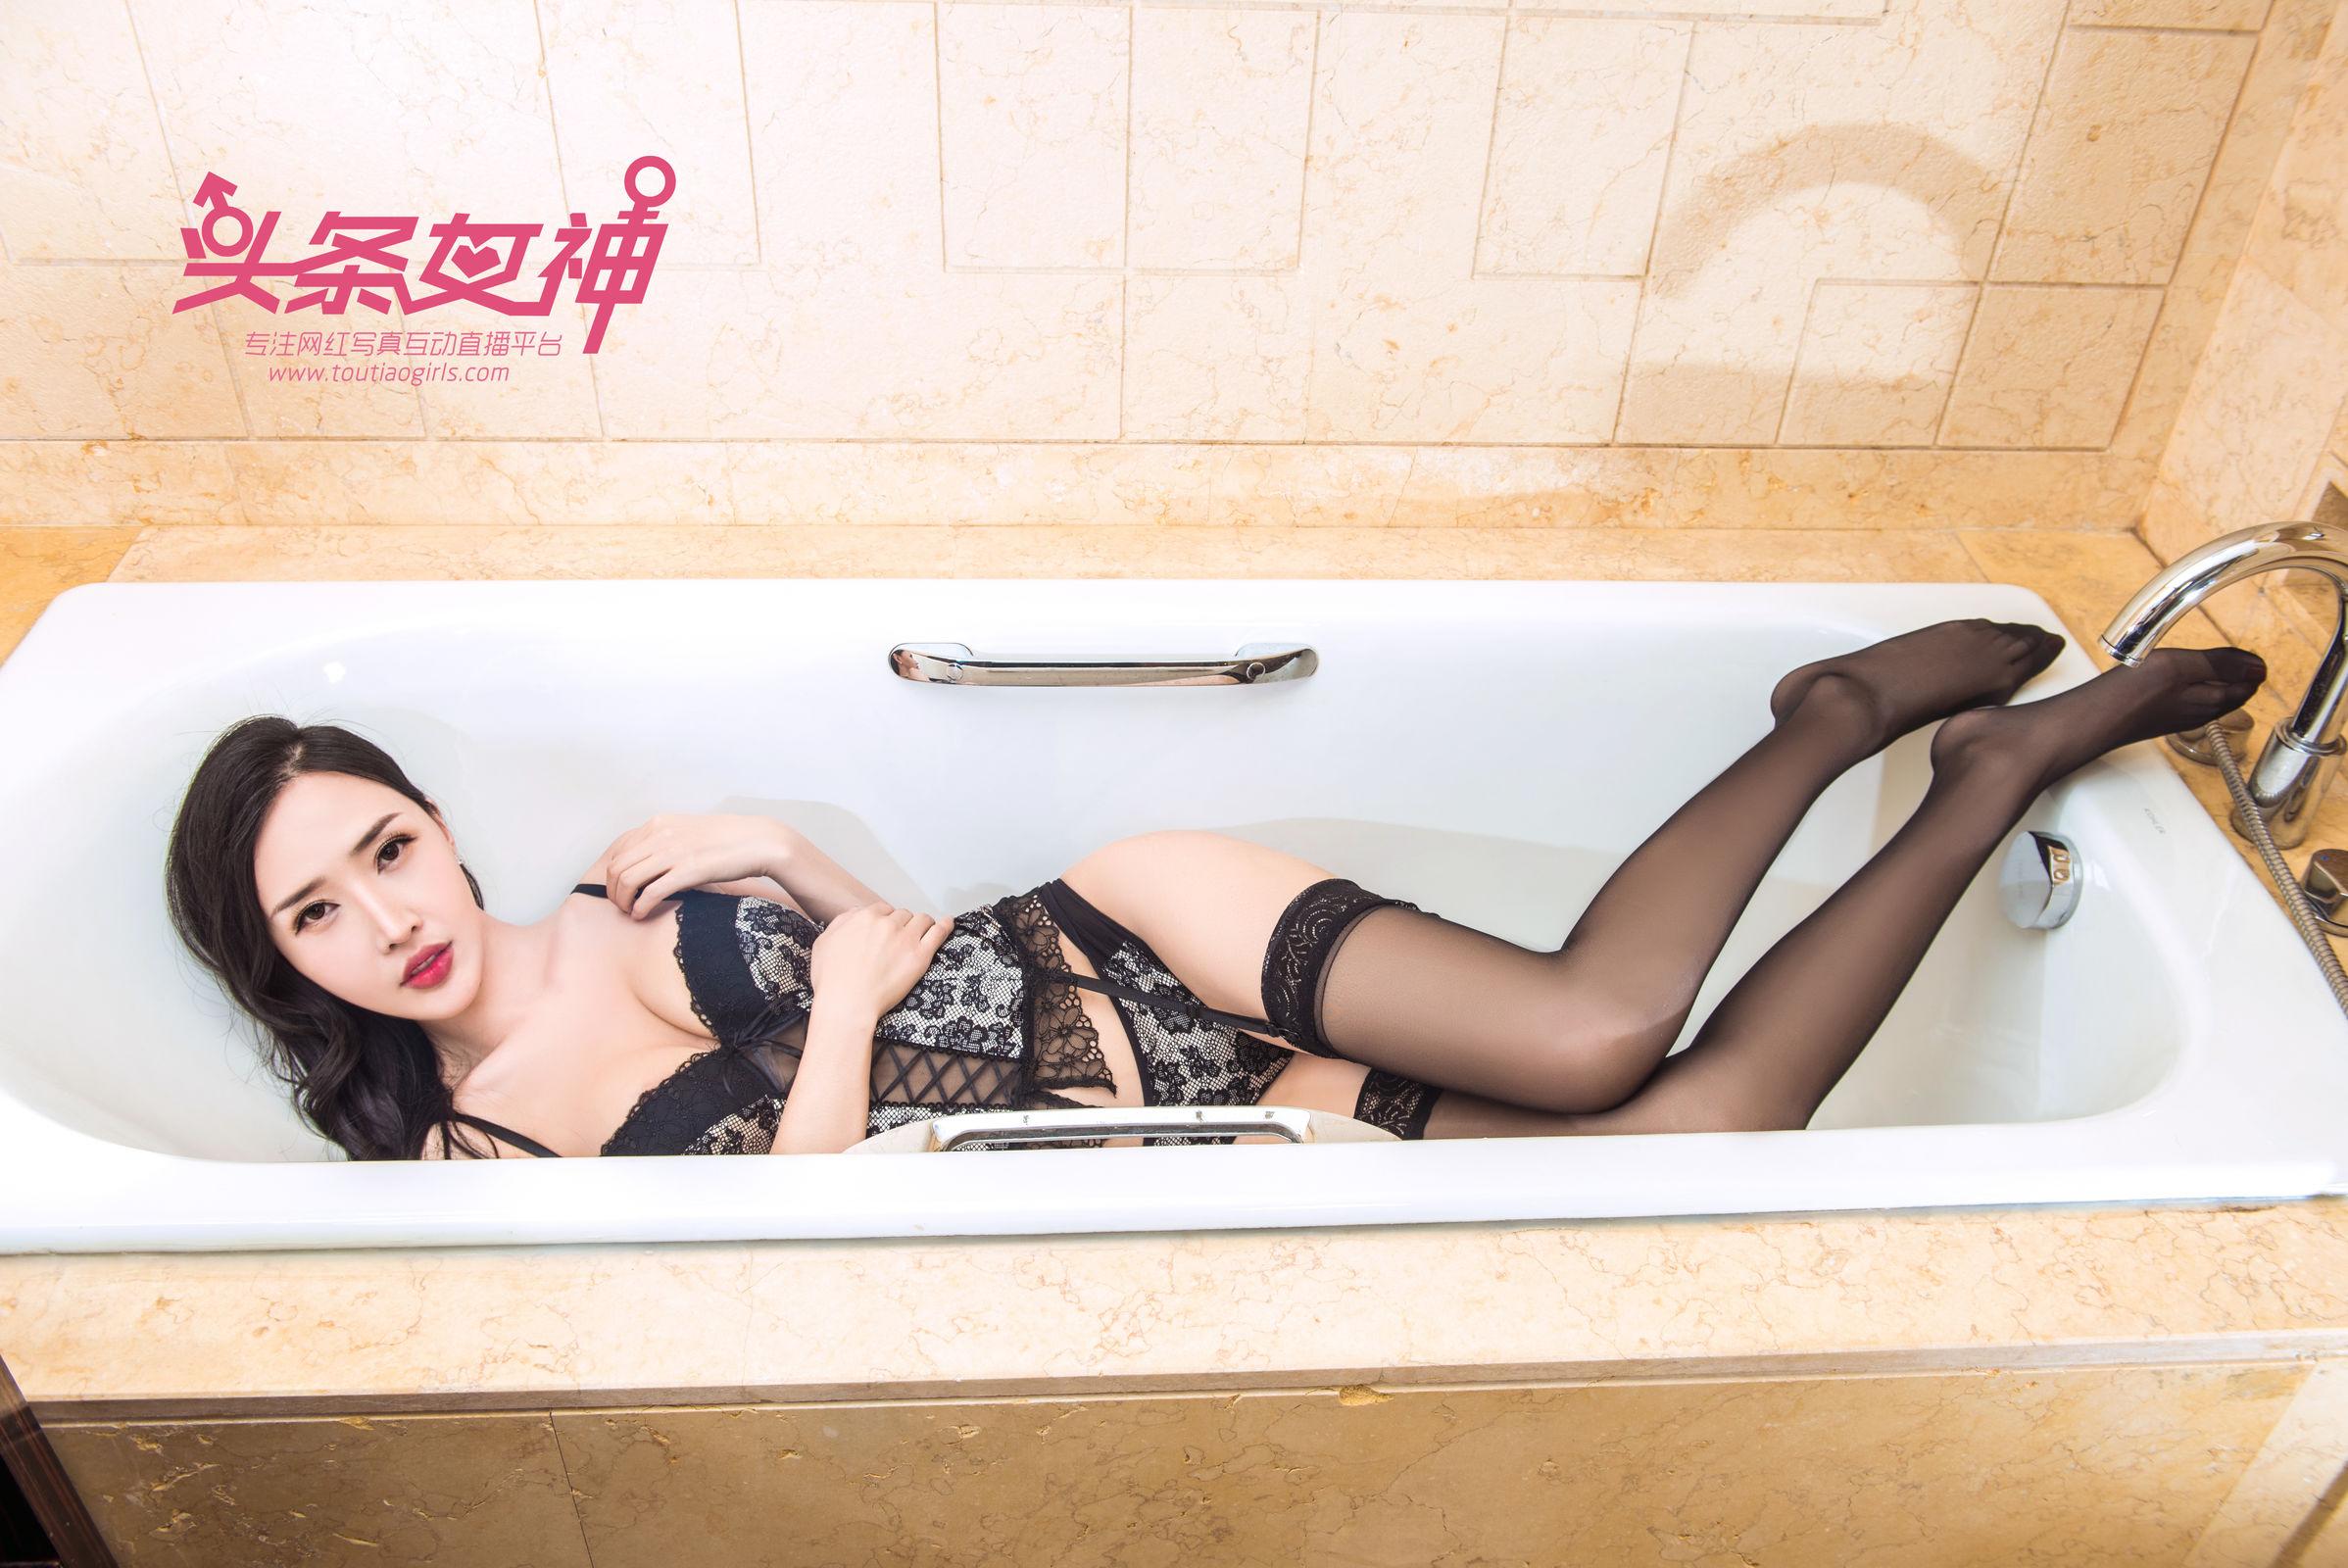 余心曼 - 花漾甜心 写真套图